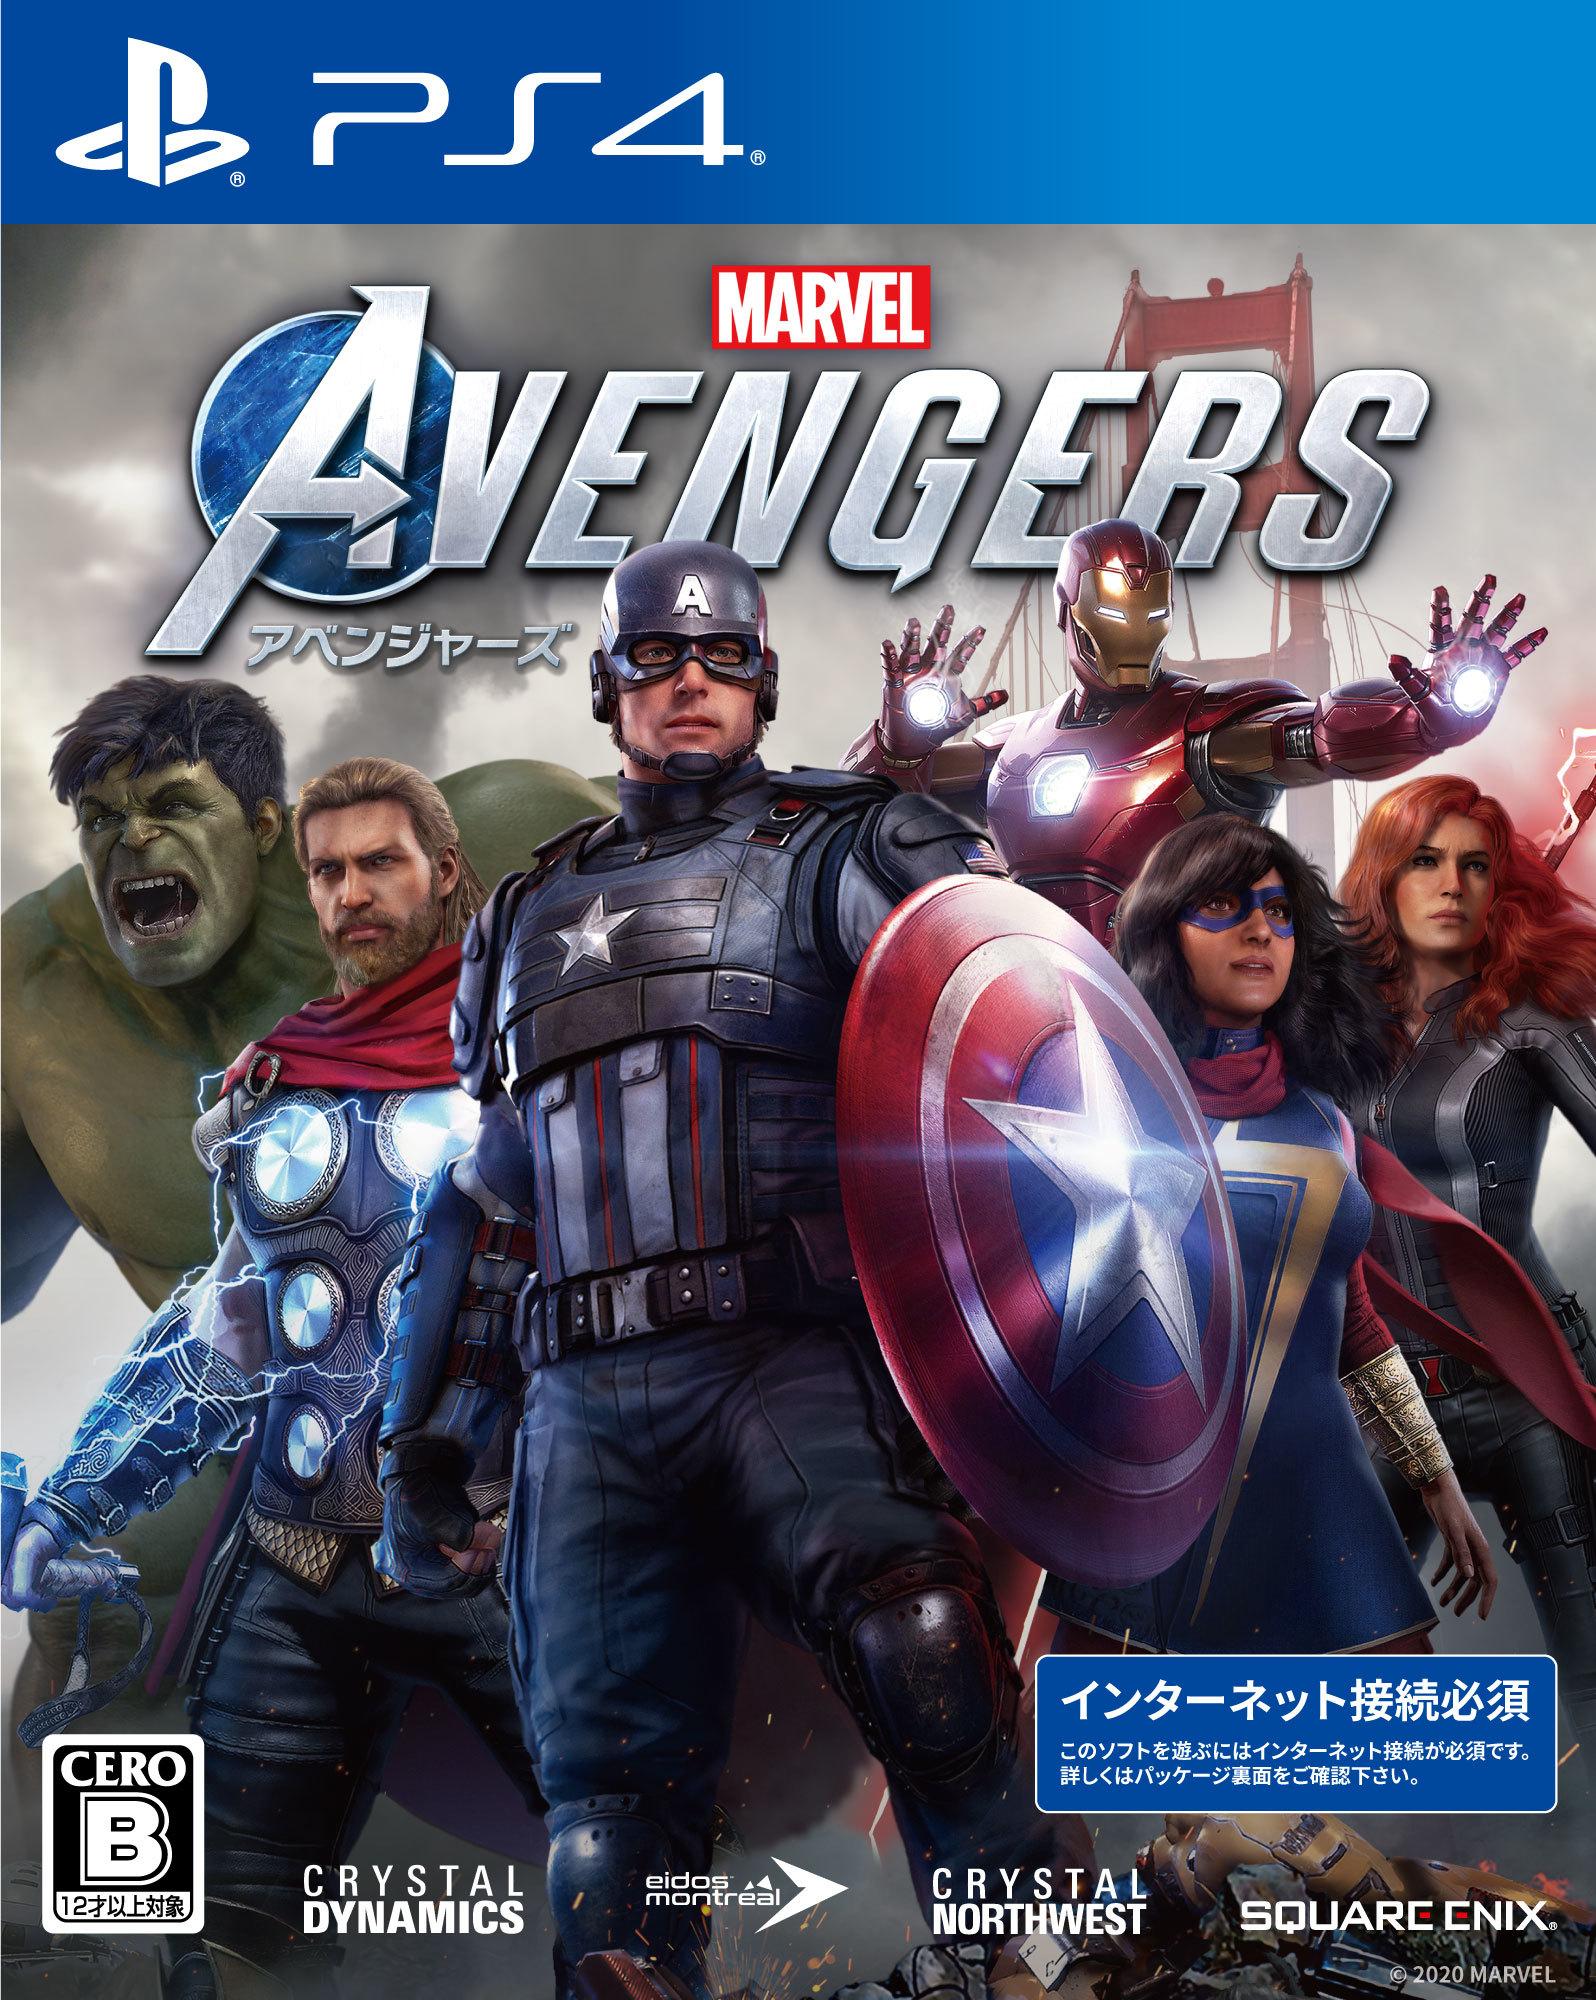 アクションアドベンチャーゲーム『Marvel's Avengers(アベンジャーズ)』パッケージ (C) 2020 MARVEL. Developed by Crystal Dynamics and Eidos Montréal. Development support provided by Nixxes. All rights reserved.